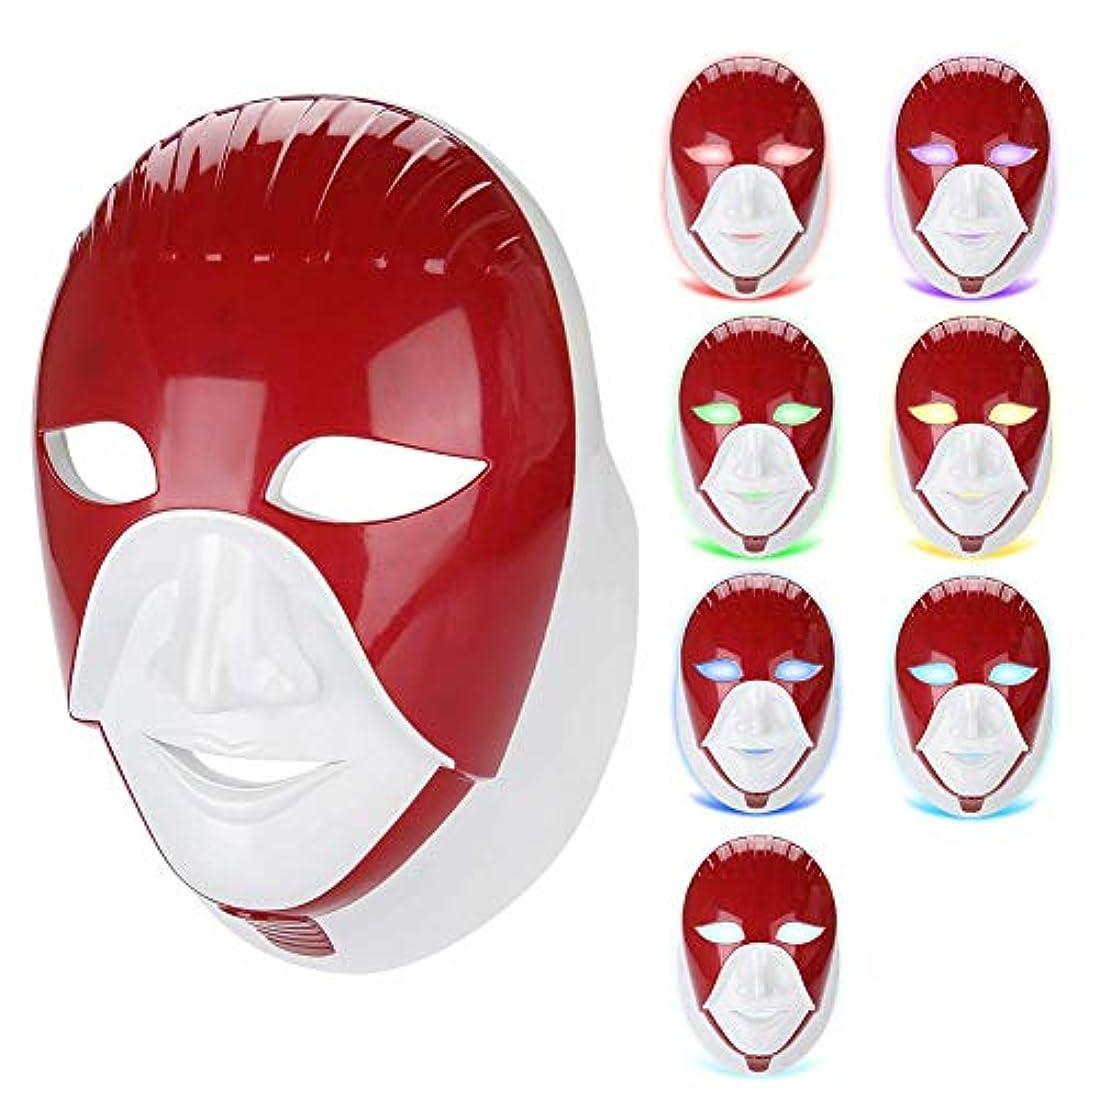 群衆マウント債務フォトンセラピーフェイシャルネックマスクアンチリンクルスキンリジュビネーション7色美容機器美容マスク(アルミボックス)